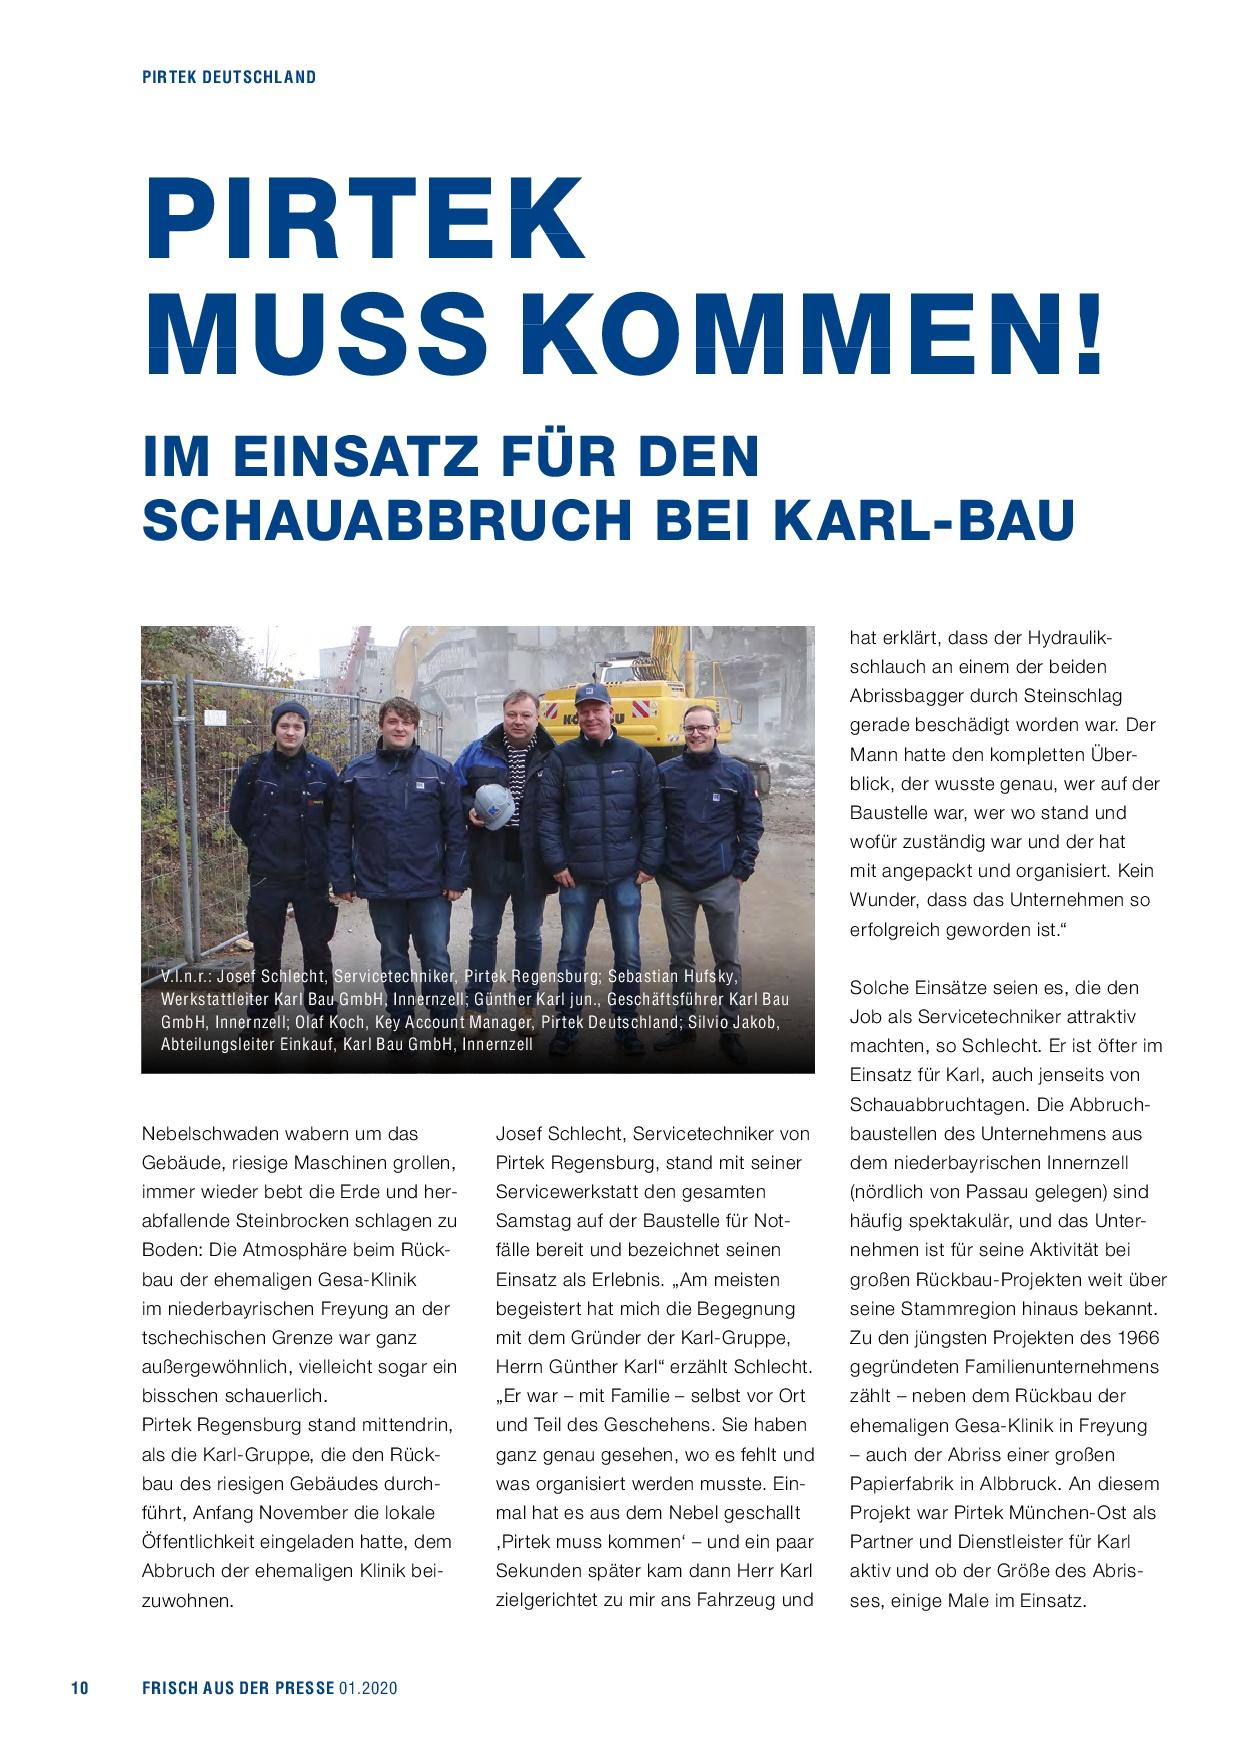 Abbruch Gesa-Klinik, Vertreter von Karl und Pirtek vor Ort, Günter Karl jun.